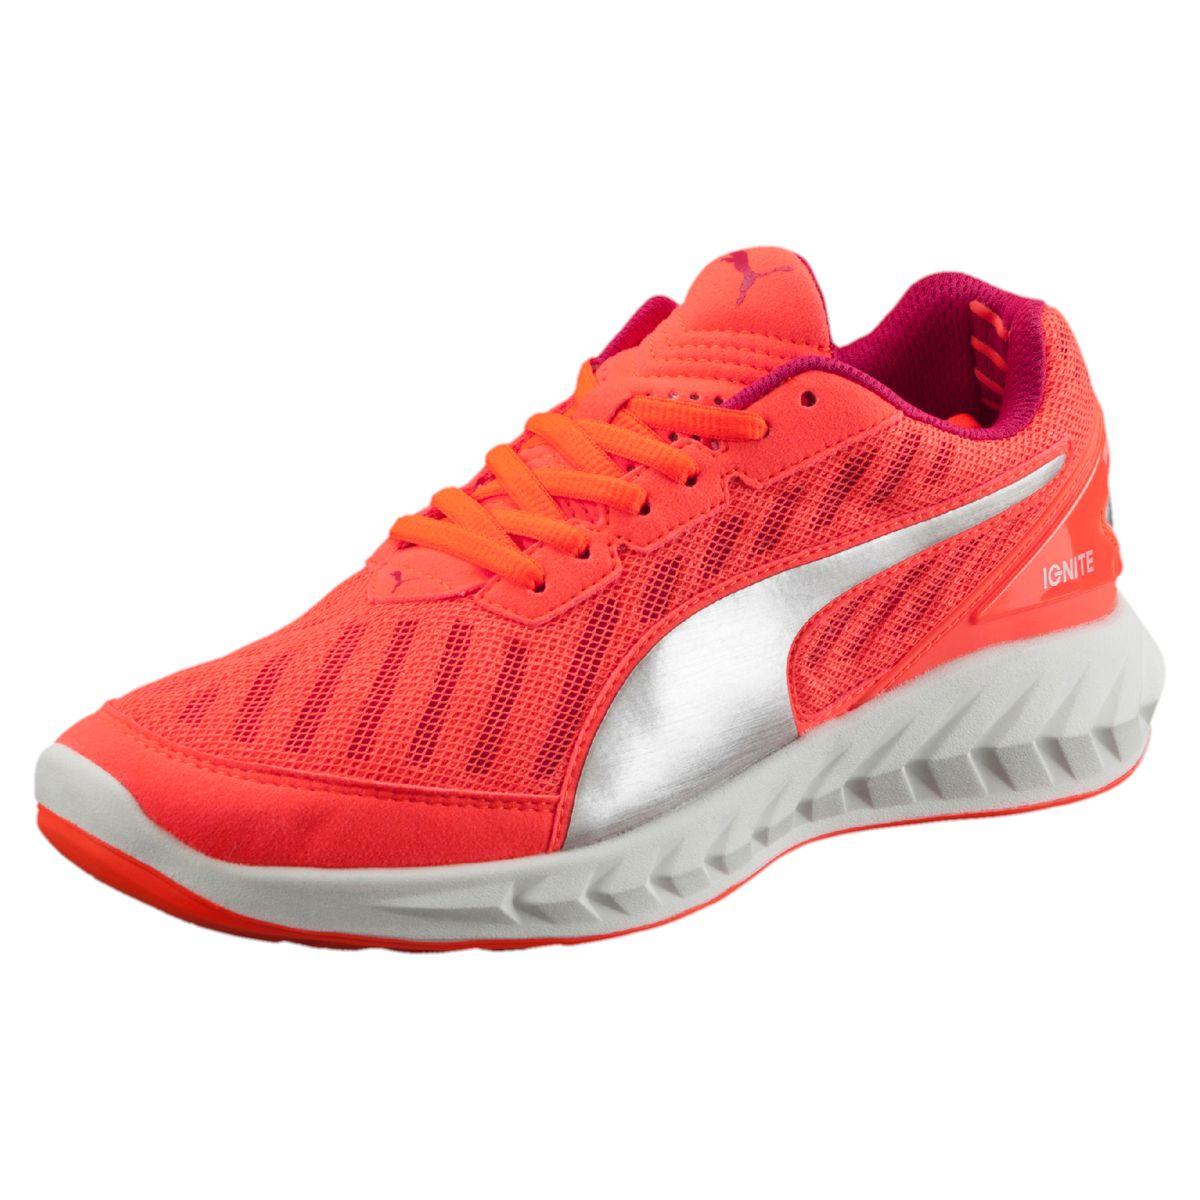 Puma Ignite Ultimate Ladies Running Shoes